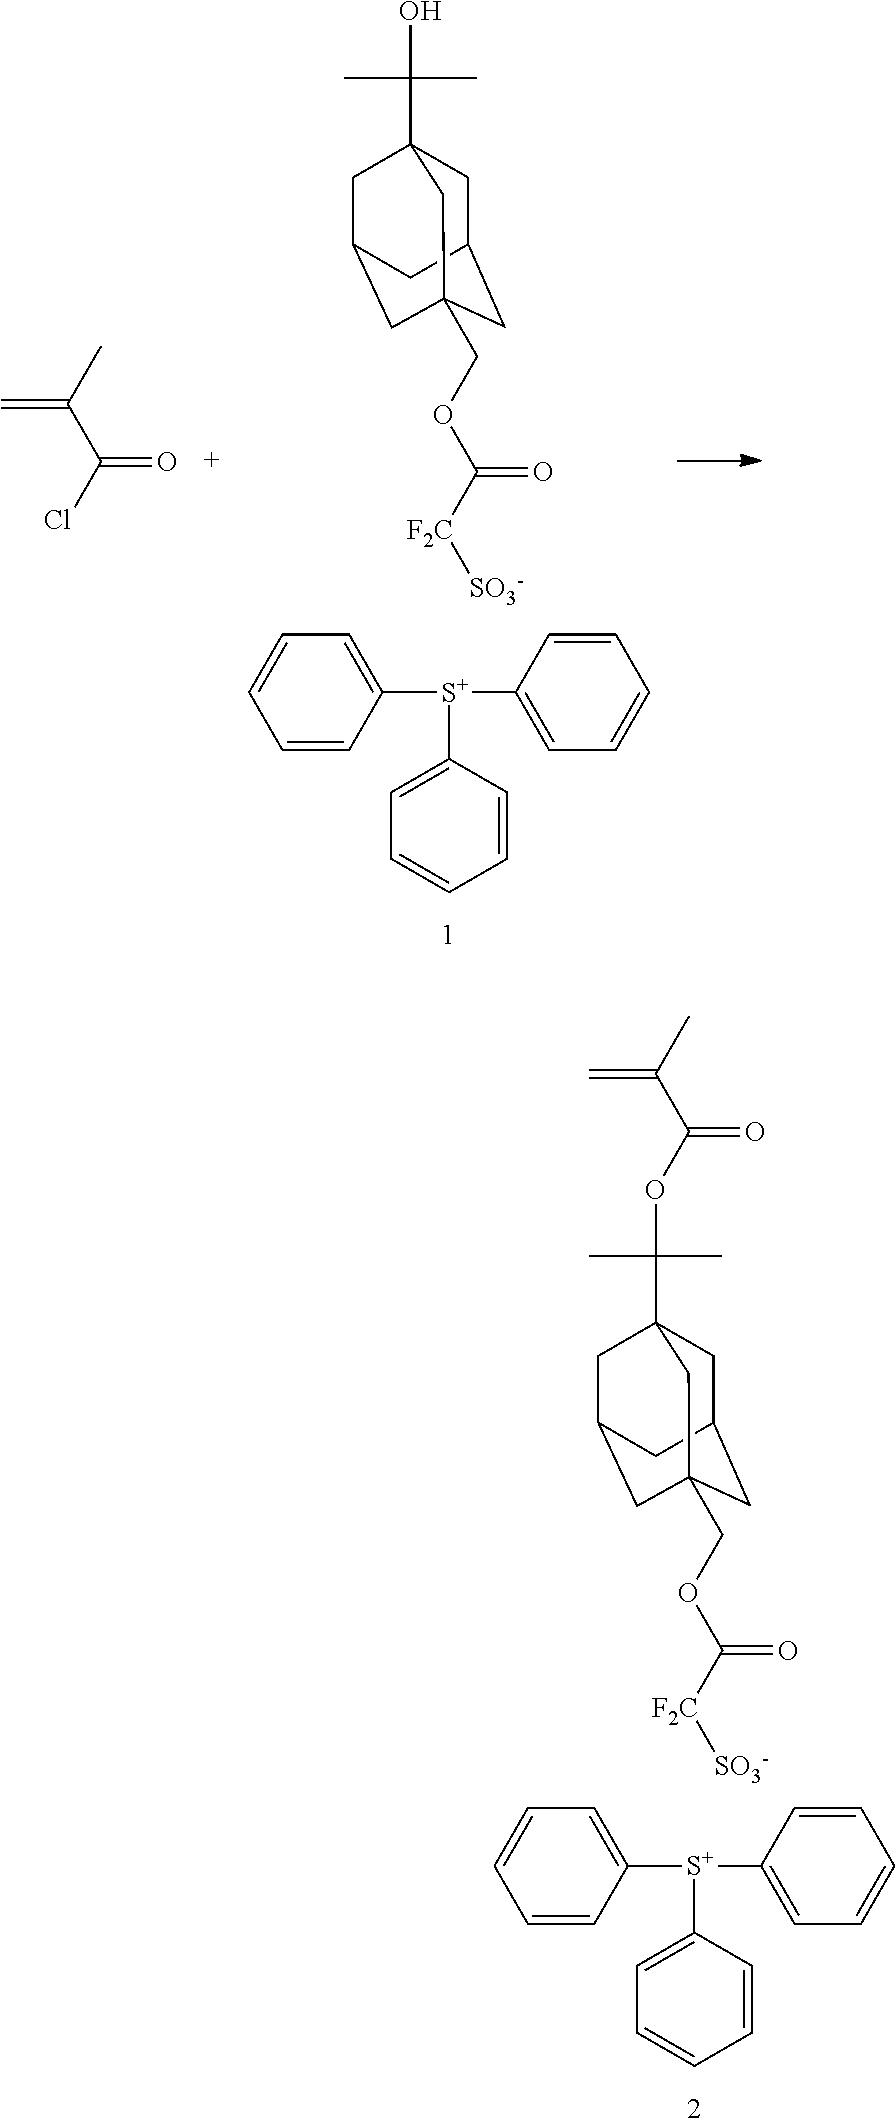 Figure US20110269074A1-20111103-C00038